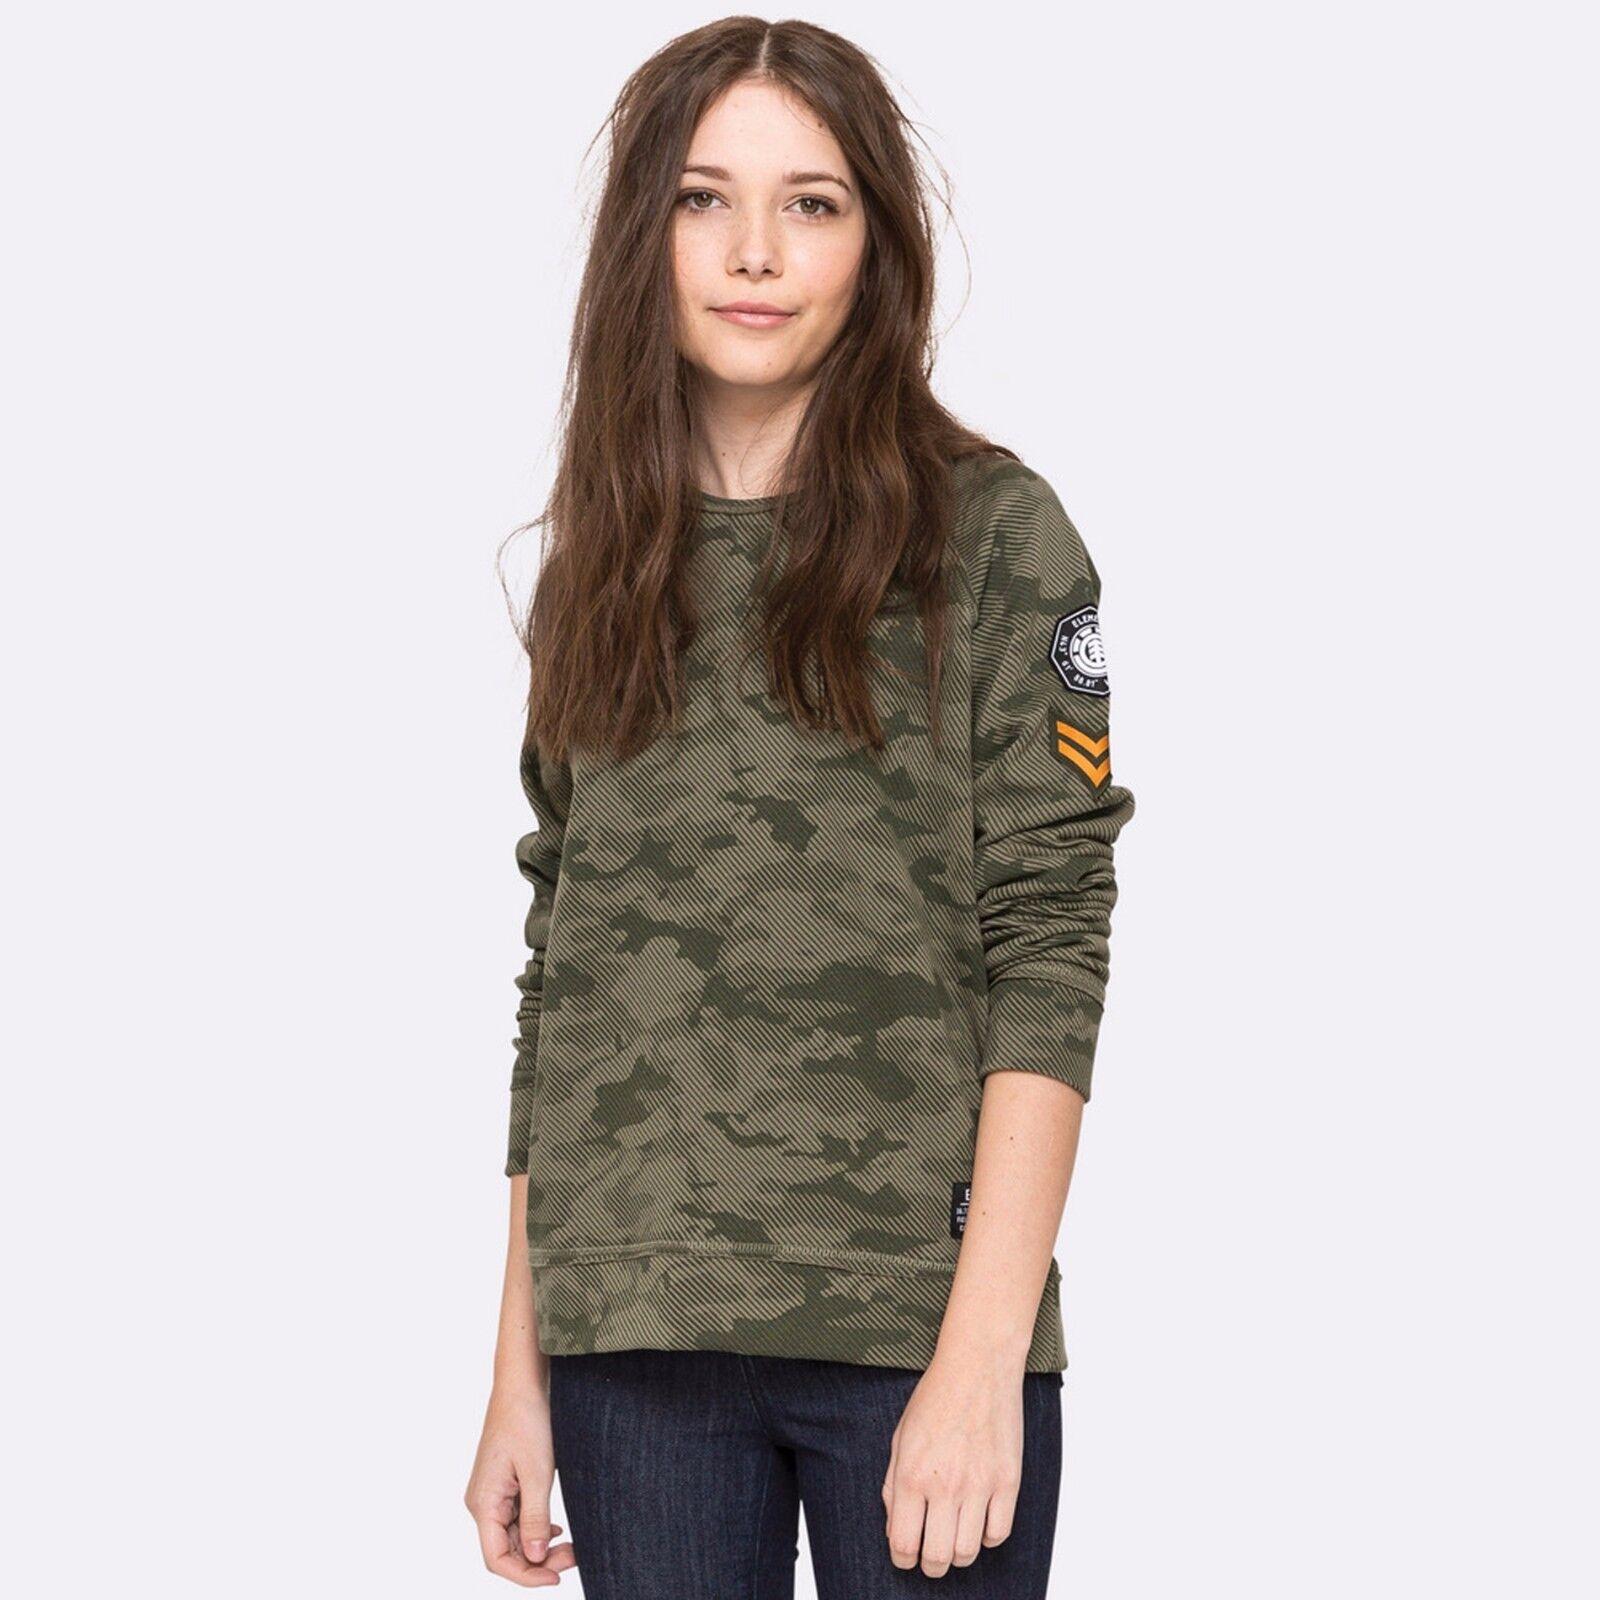 Felpa da donna militare Element Juno manica lunga girocollo cotone casual moda